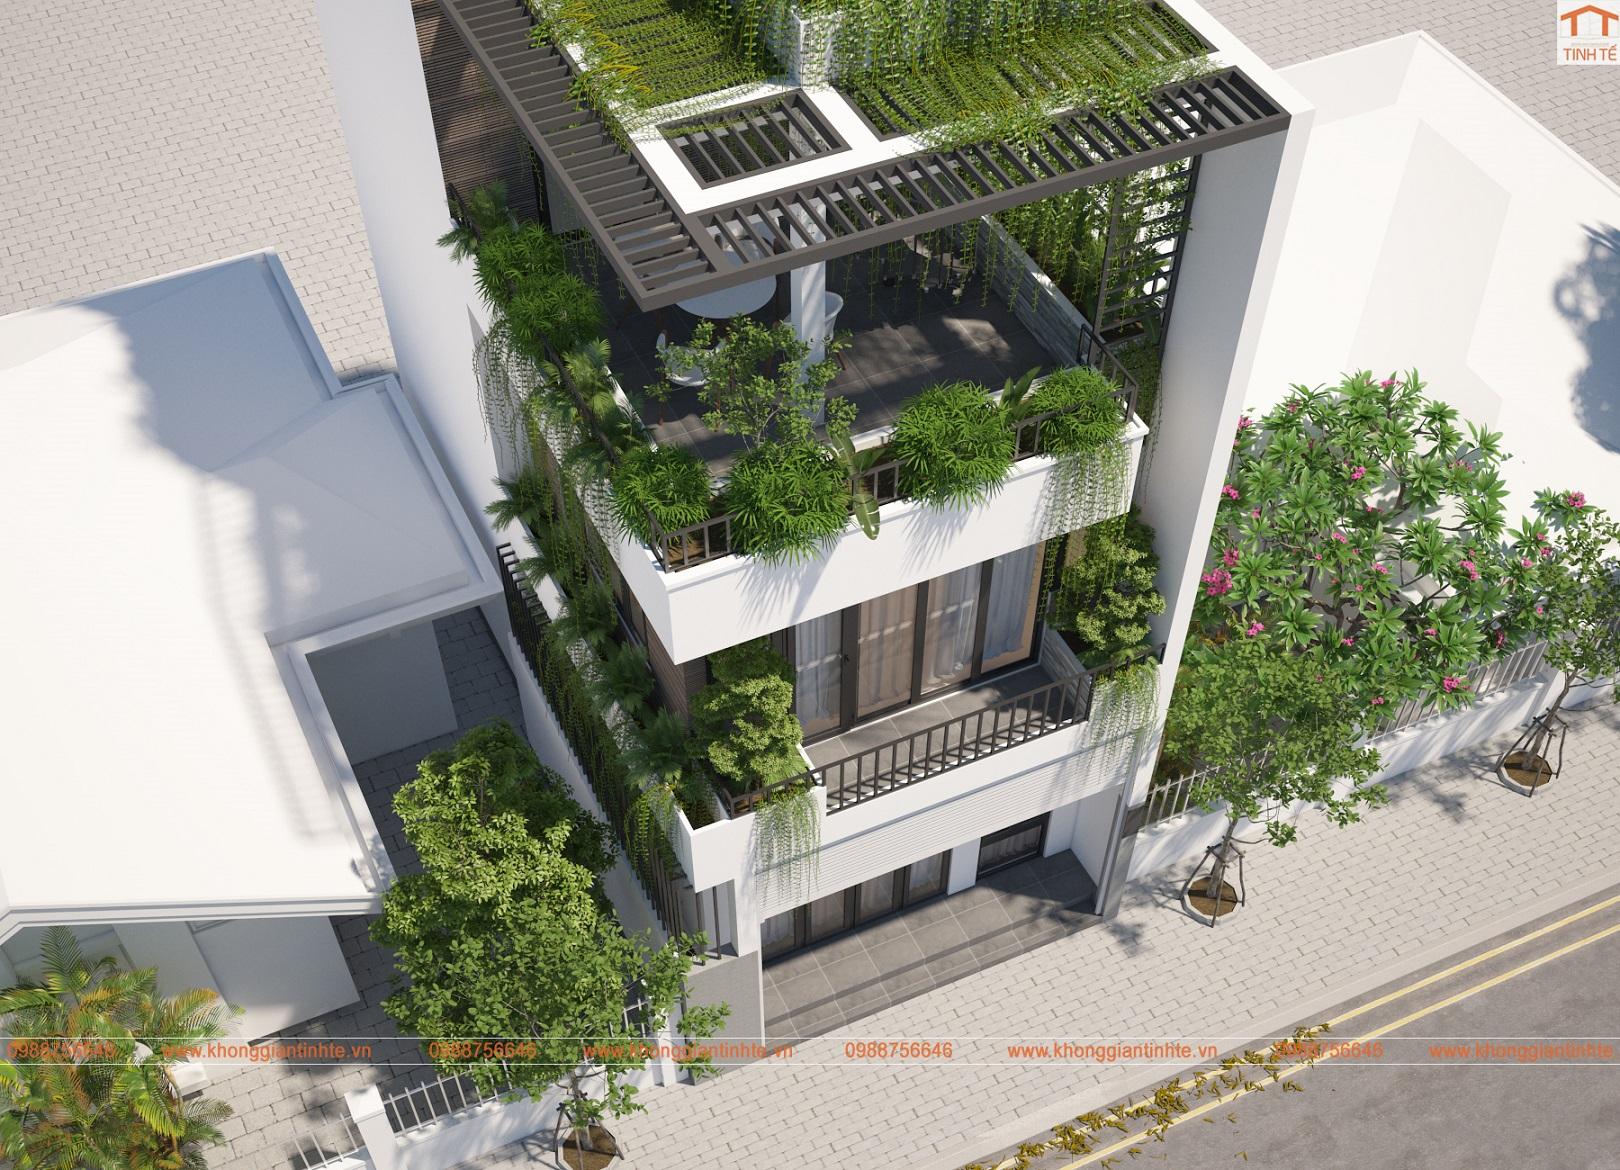 Cải tạo kiến trúc- nội thất nhà lô phố, 55m2 x 3 tầng, Chèm, Tây Hồ- Hà Nội